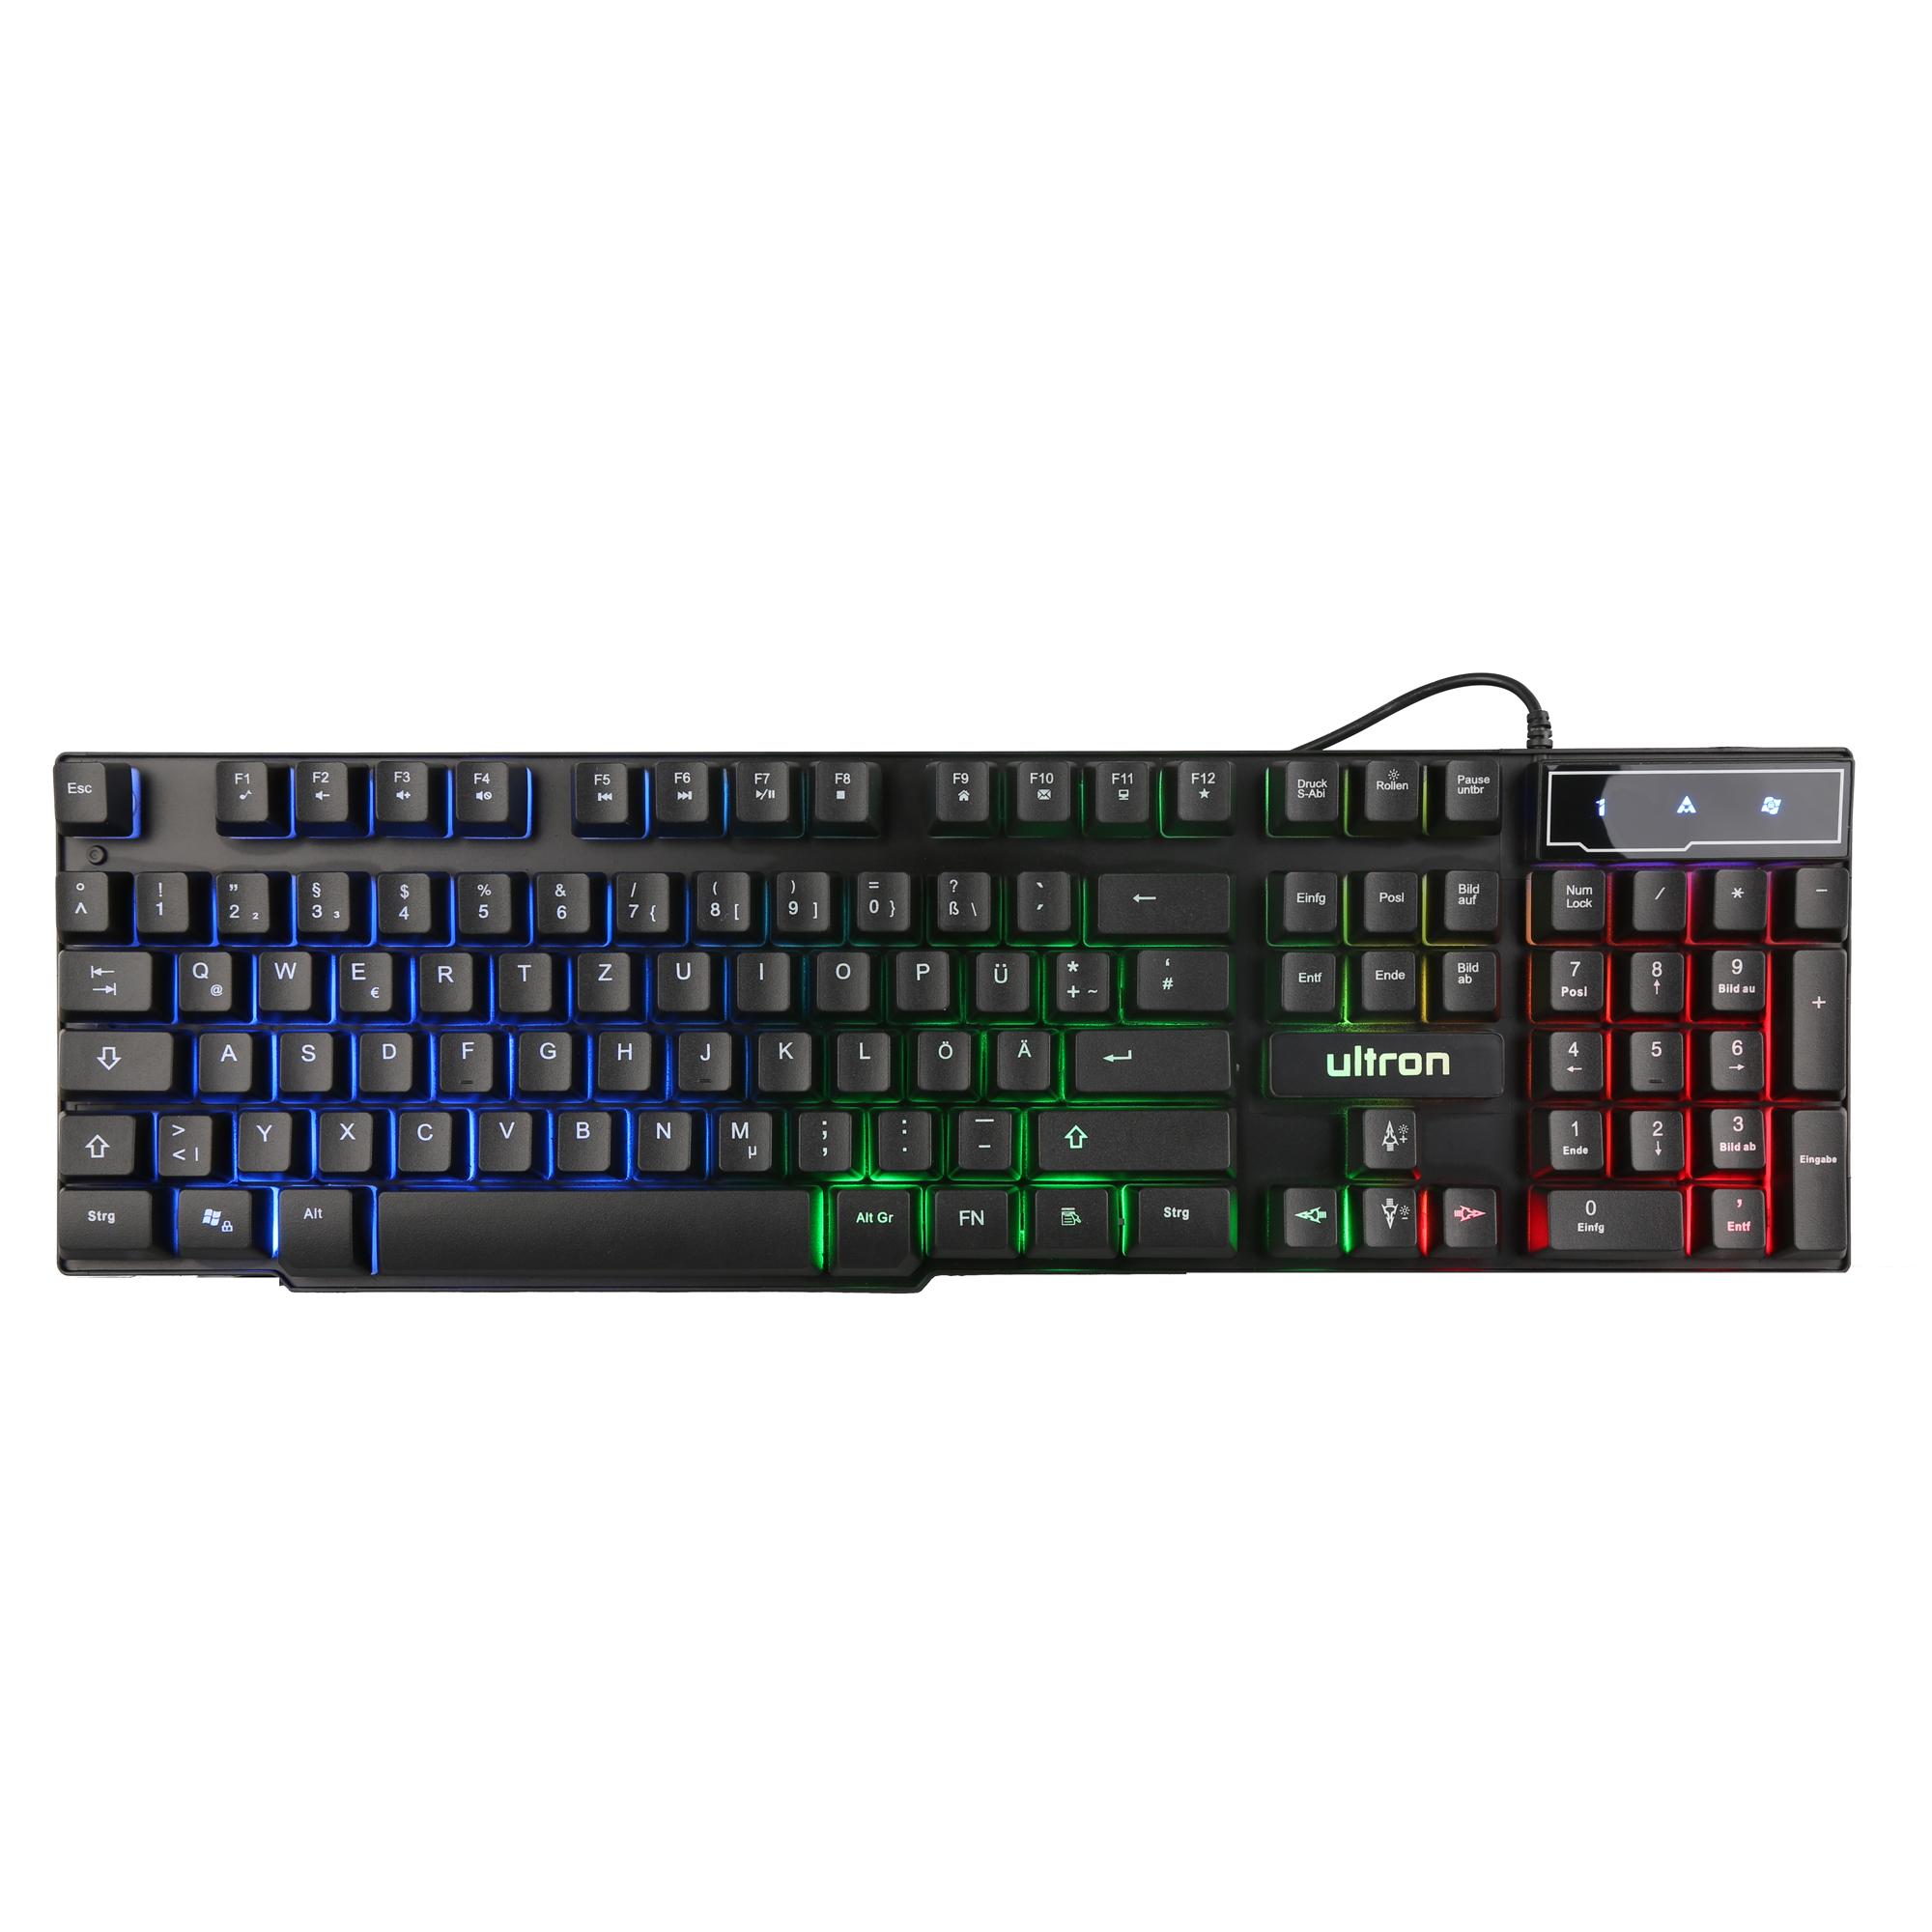 Ultron HAWK - Set aus Tastatur, Maus, Headset und Mauspad